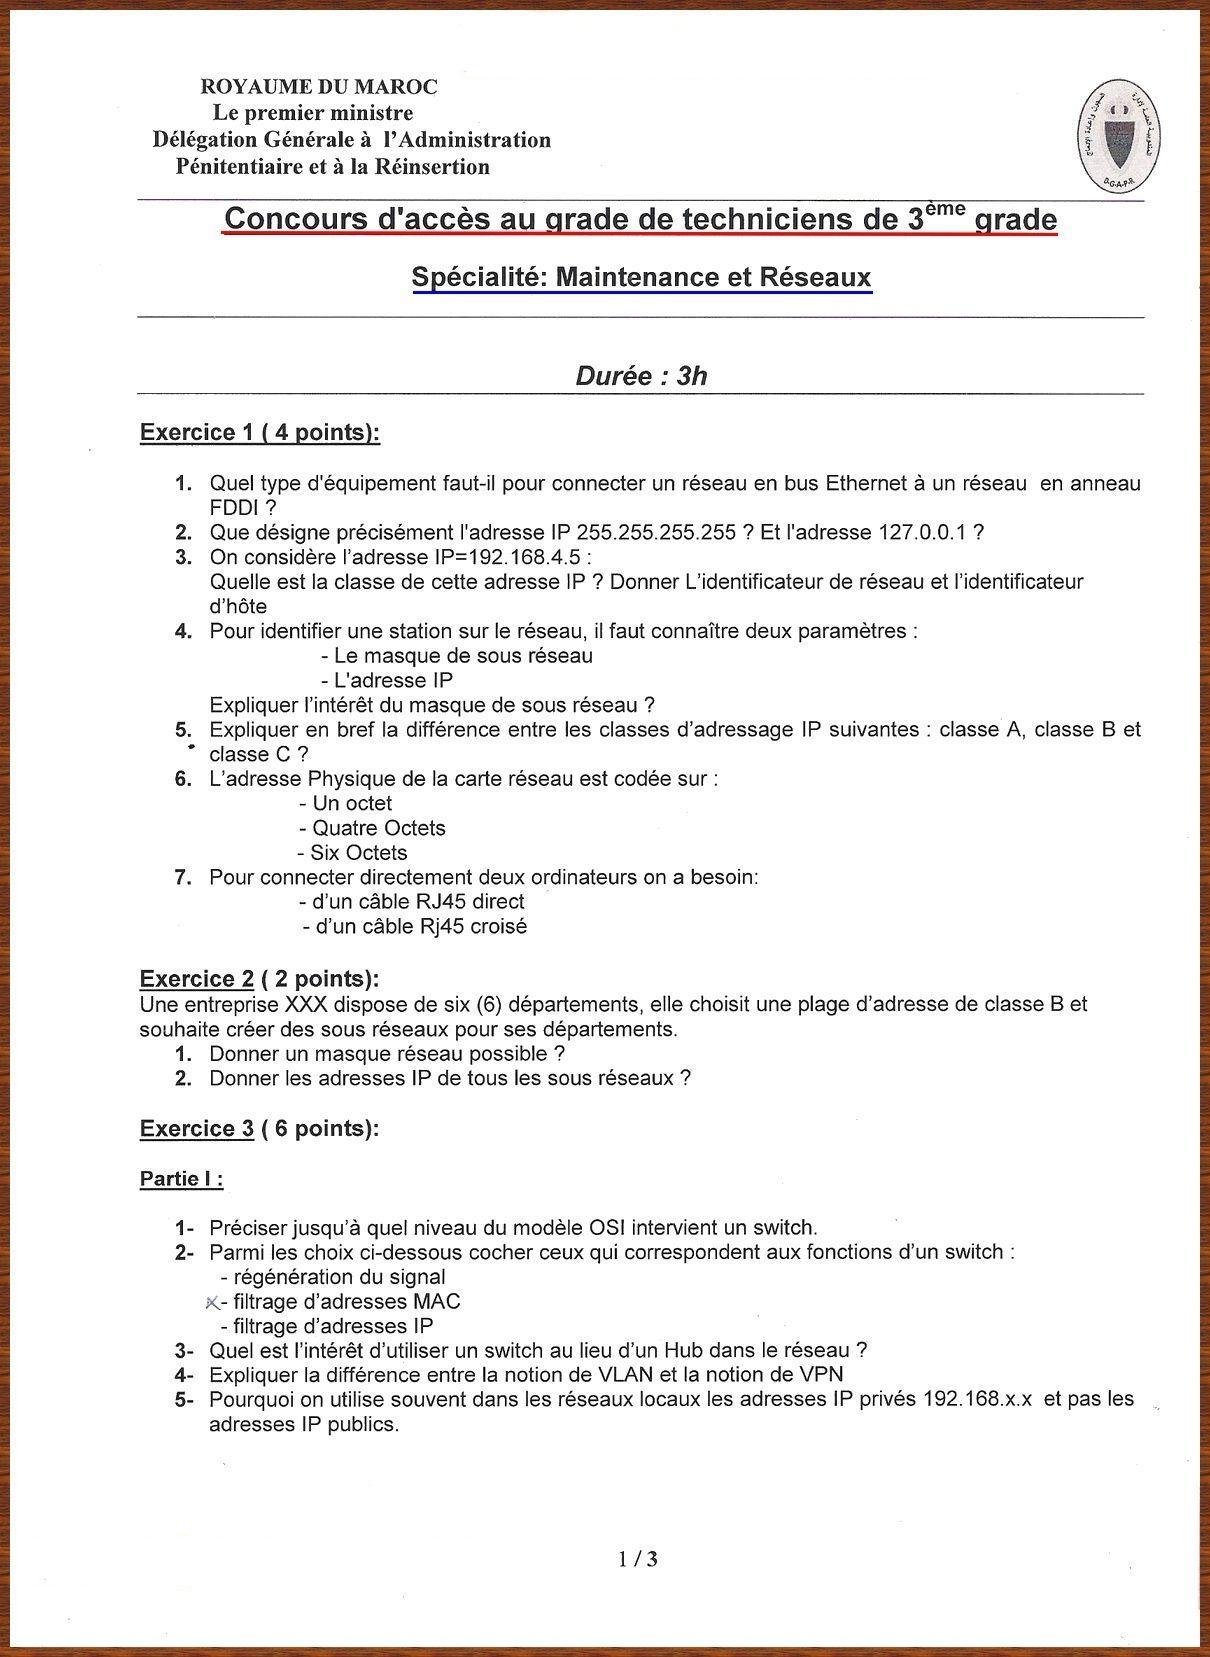 المندوبية العامة لإدارة السجون و إعادة الإدماج: نموذج مباراة ولوج درجة تقنيين من الدرجة الثالثة تخصص: الصيانة و الشبكات Idarat10